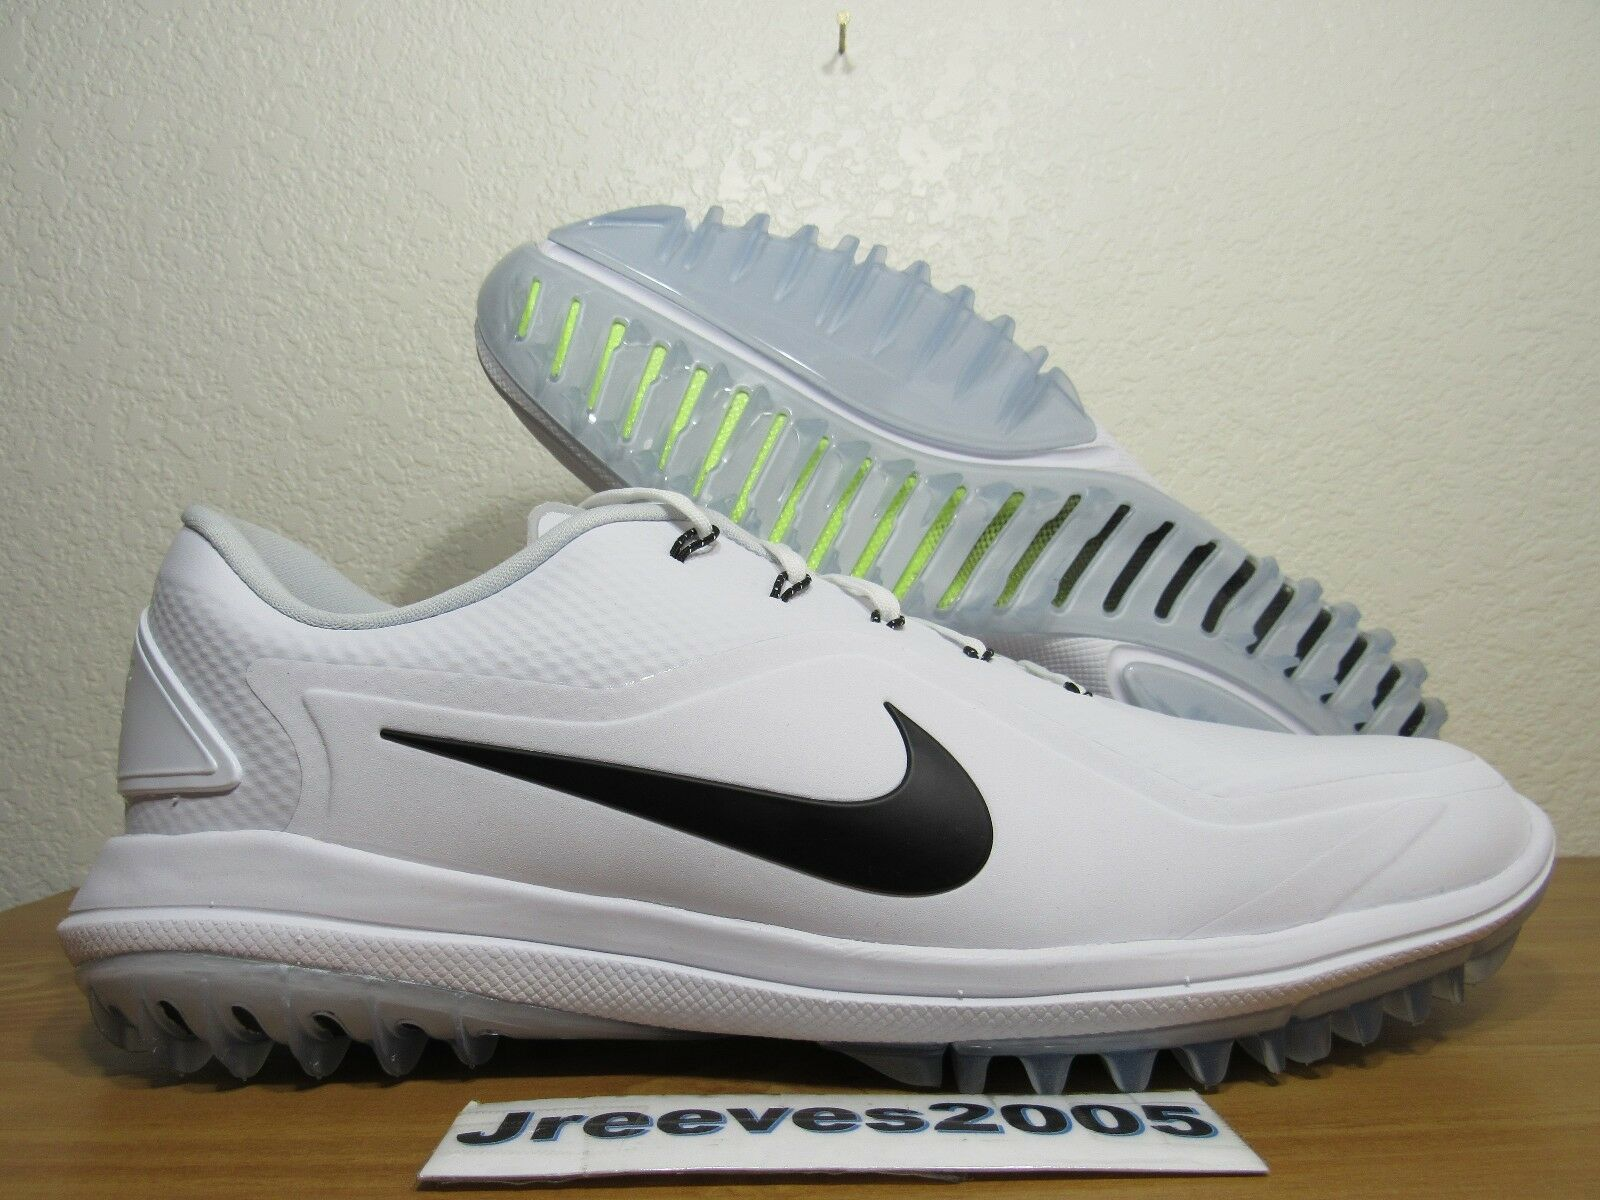 Nike lunar kontrolle vapor 2 sz golfschuhe sz 2 12 100% authentische e 899633 100 8f99e7